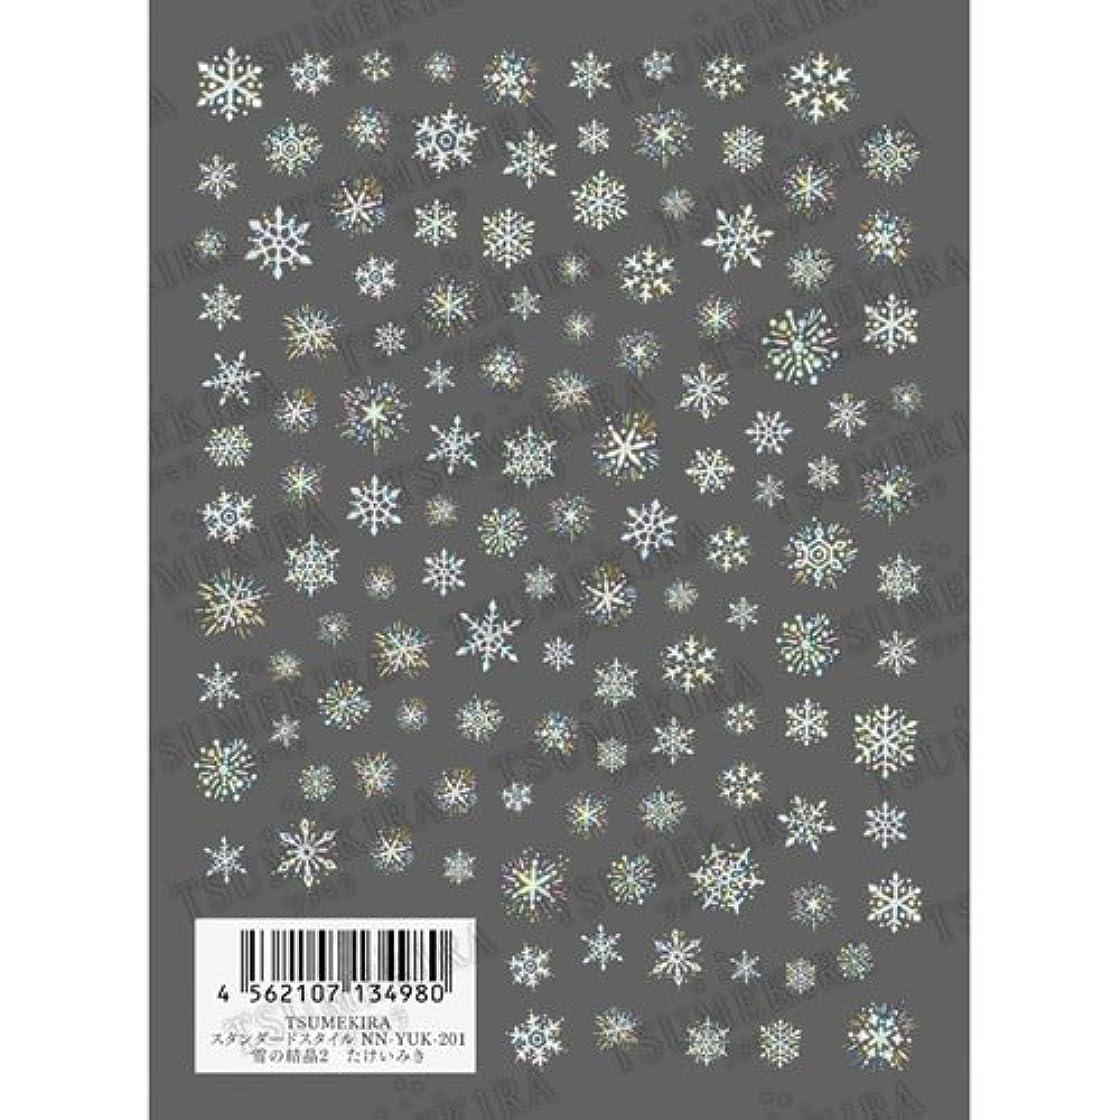 色合い玉ねぎ適用済みツメキラ ネイル用シール スタンダードシリーズ 雪の結晶2 NN-YUK-201